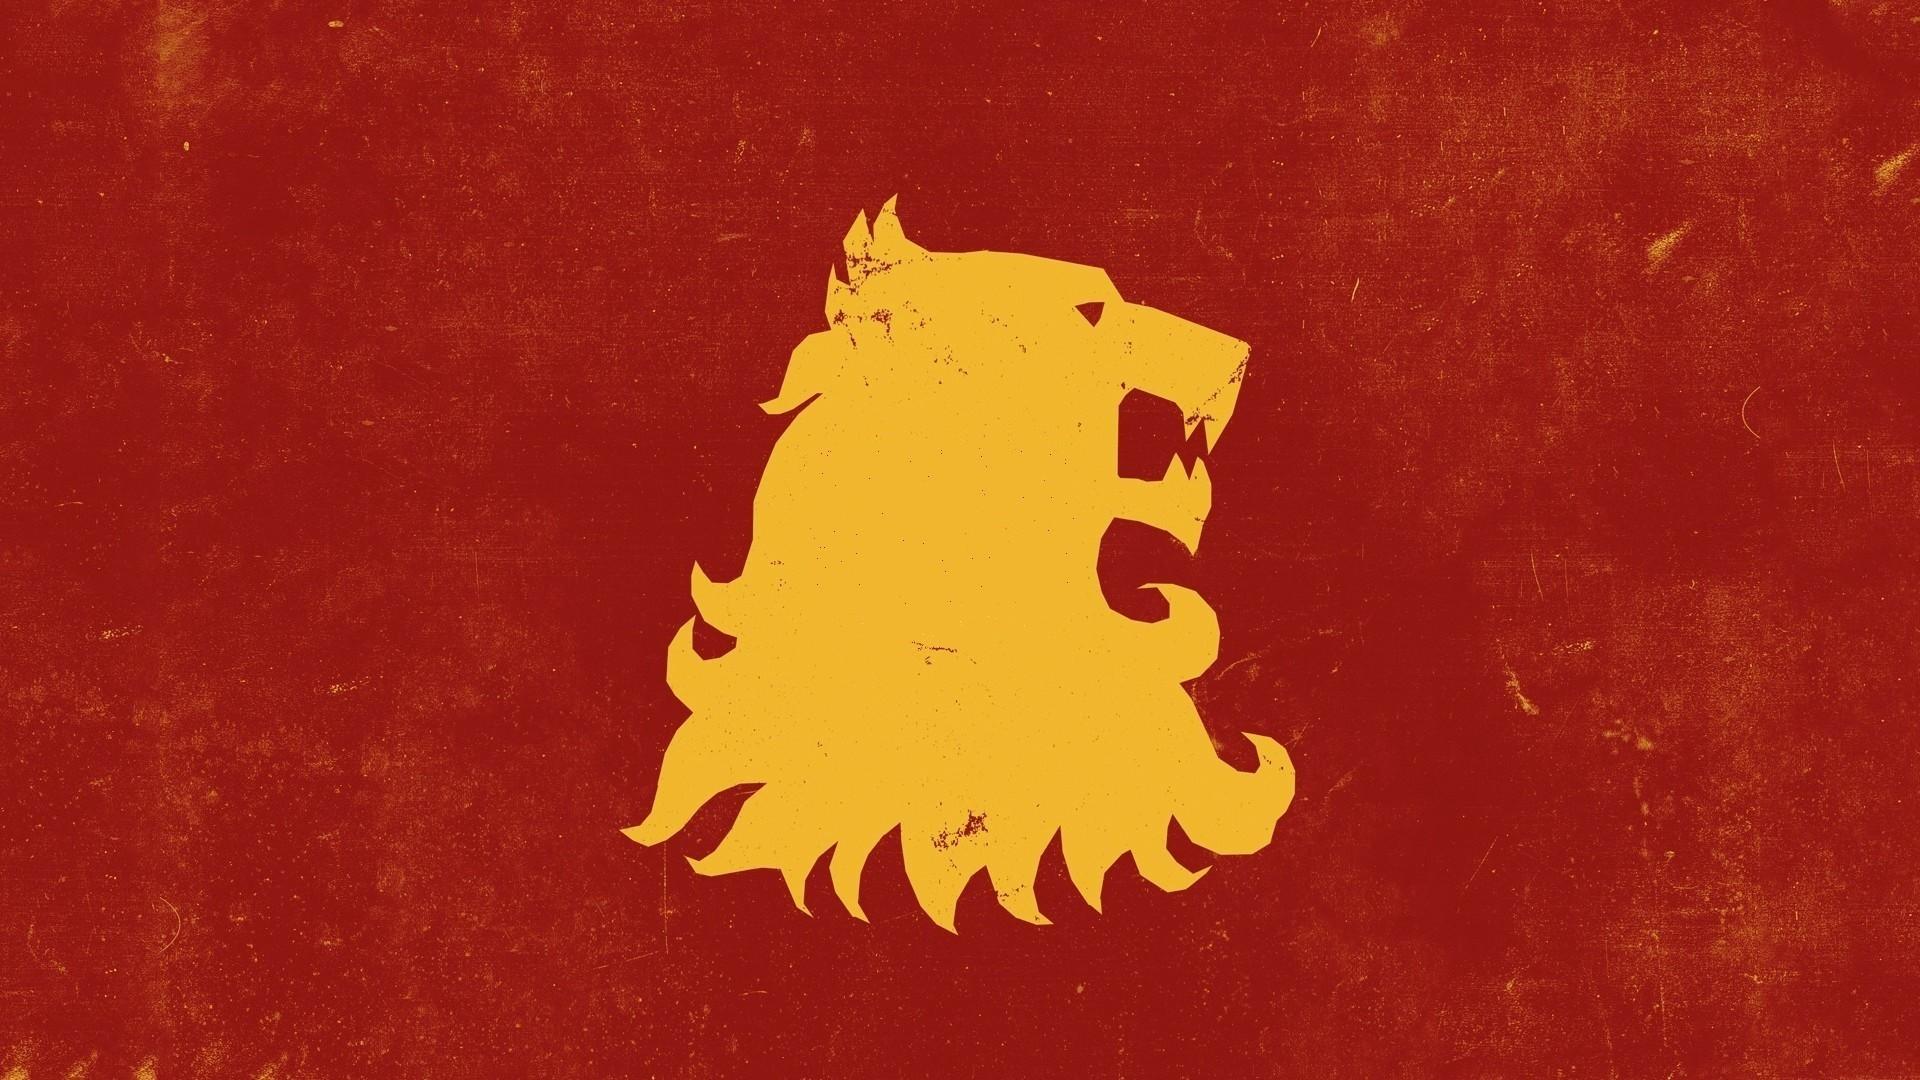 General lion animals Game of Thrones House Targaryen sigils